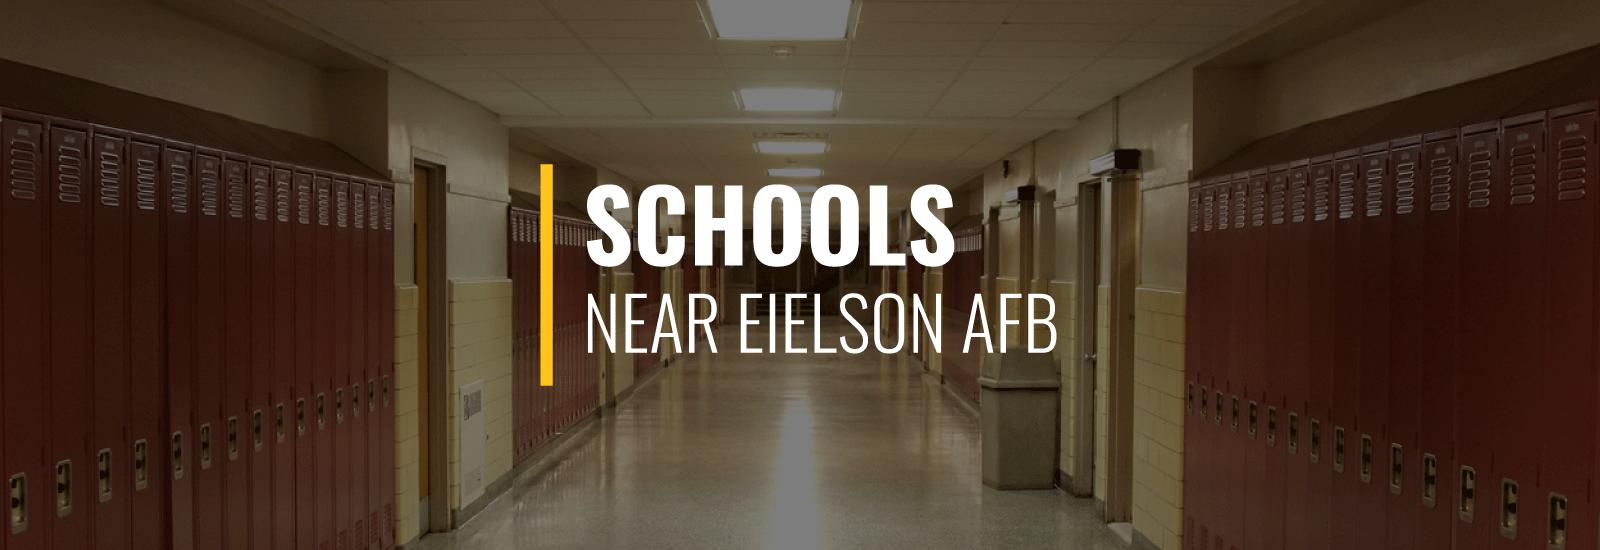 Eielson AFB Schools